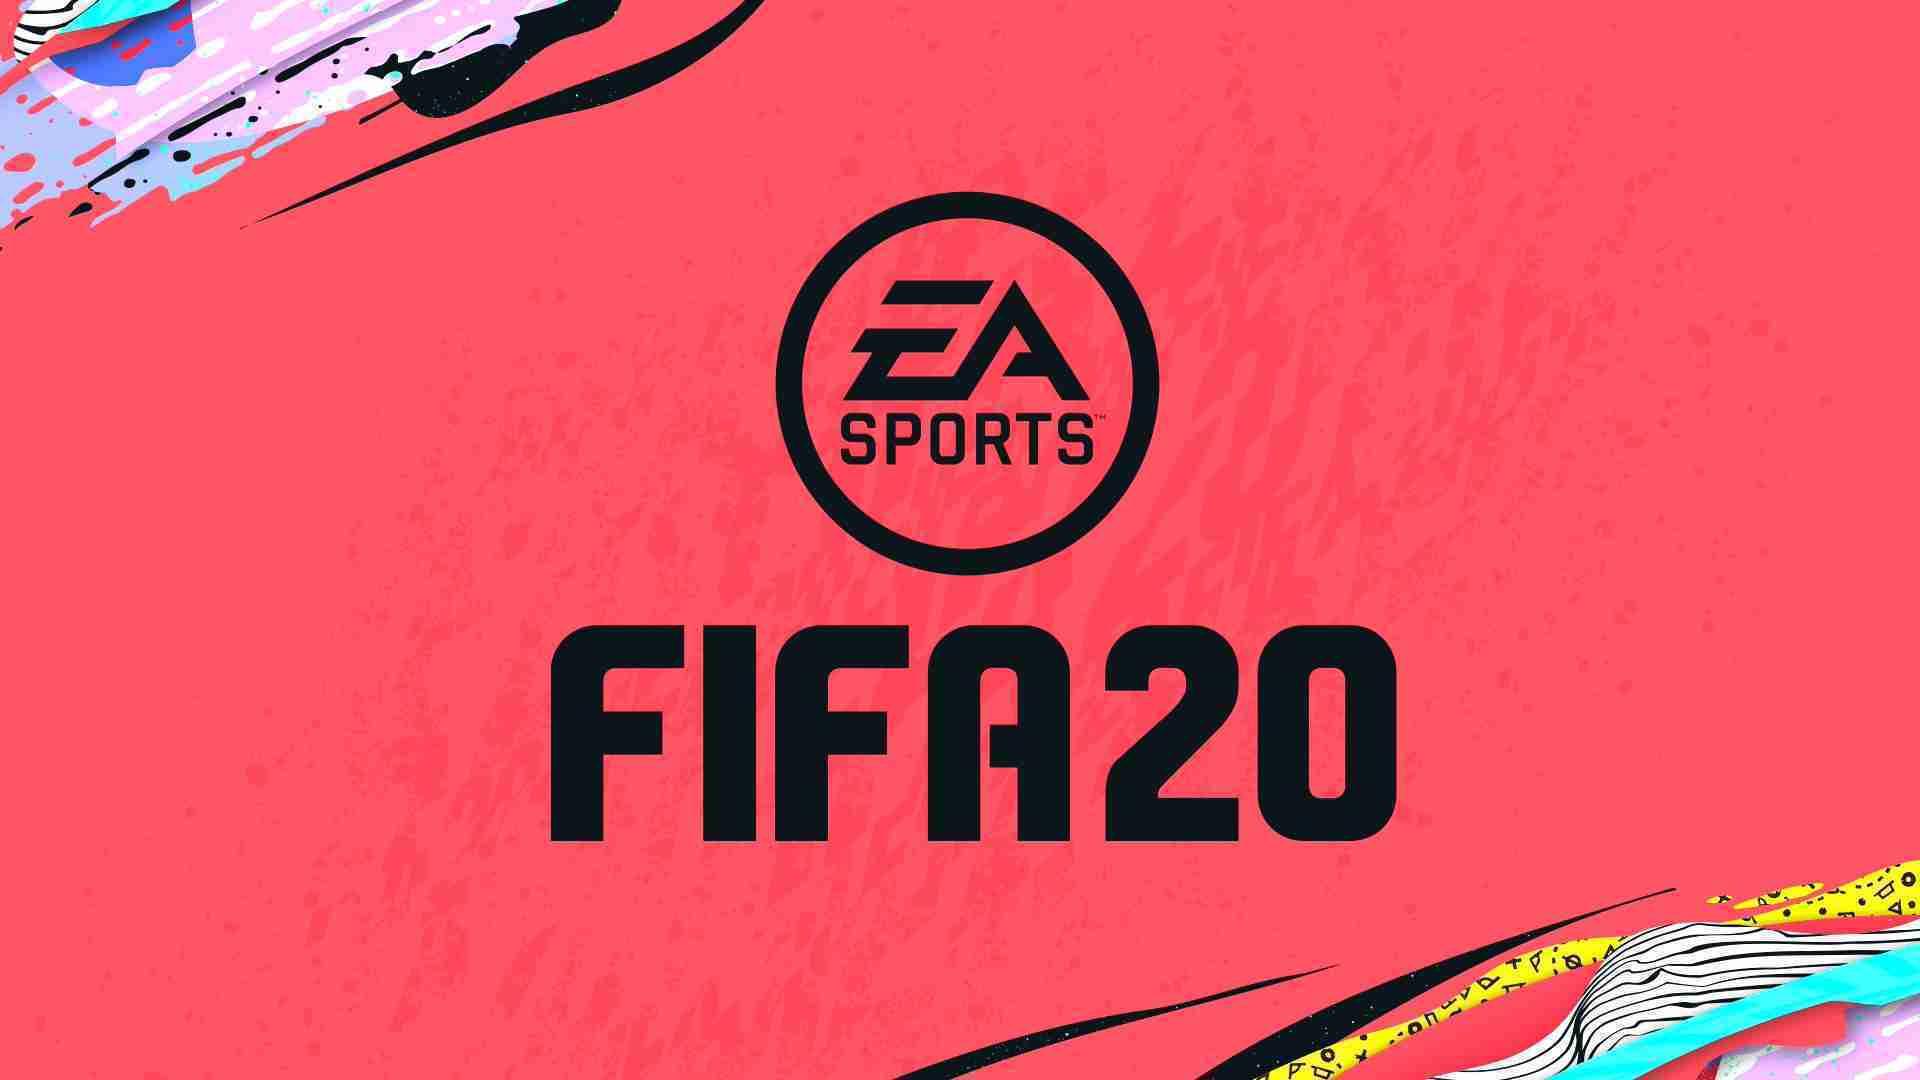 VALUTAZIONI GIOCATORI FIFA 20: i migliori giocatori in ciascun ruolo